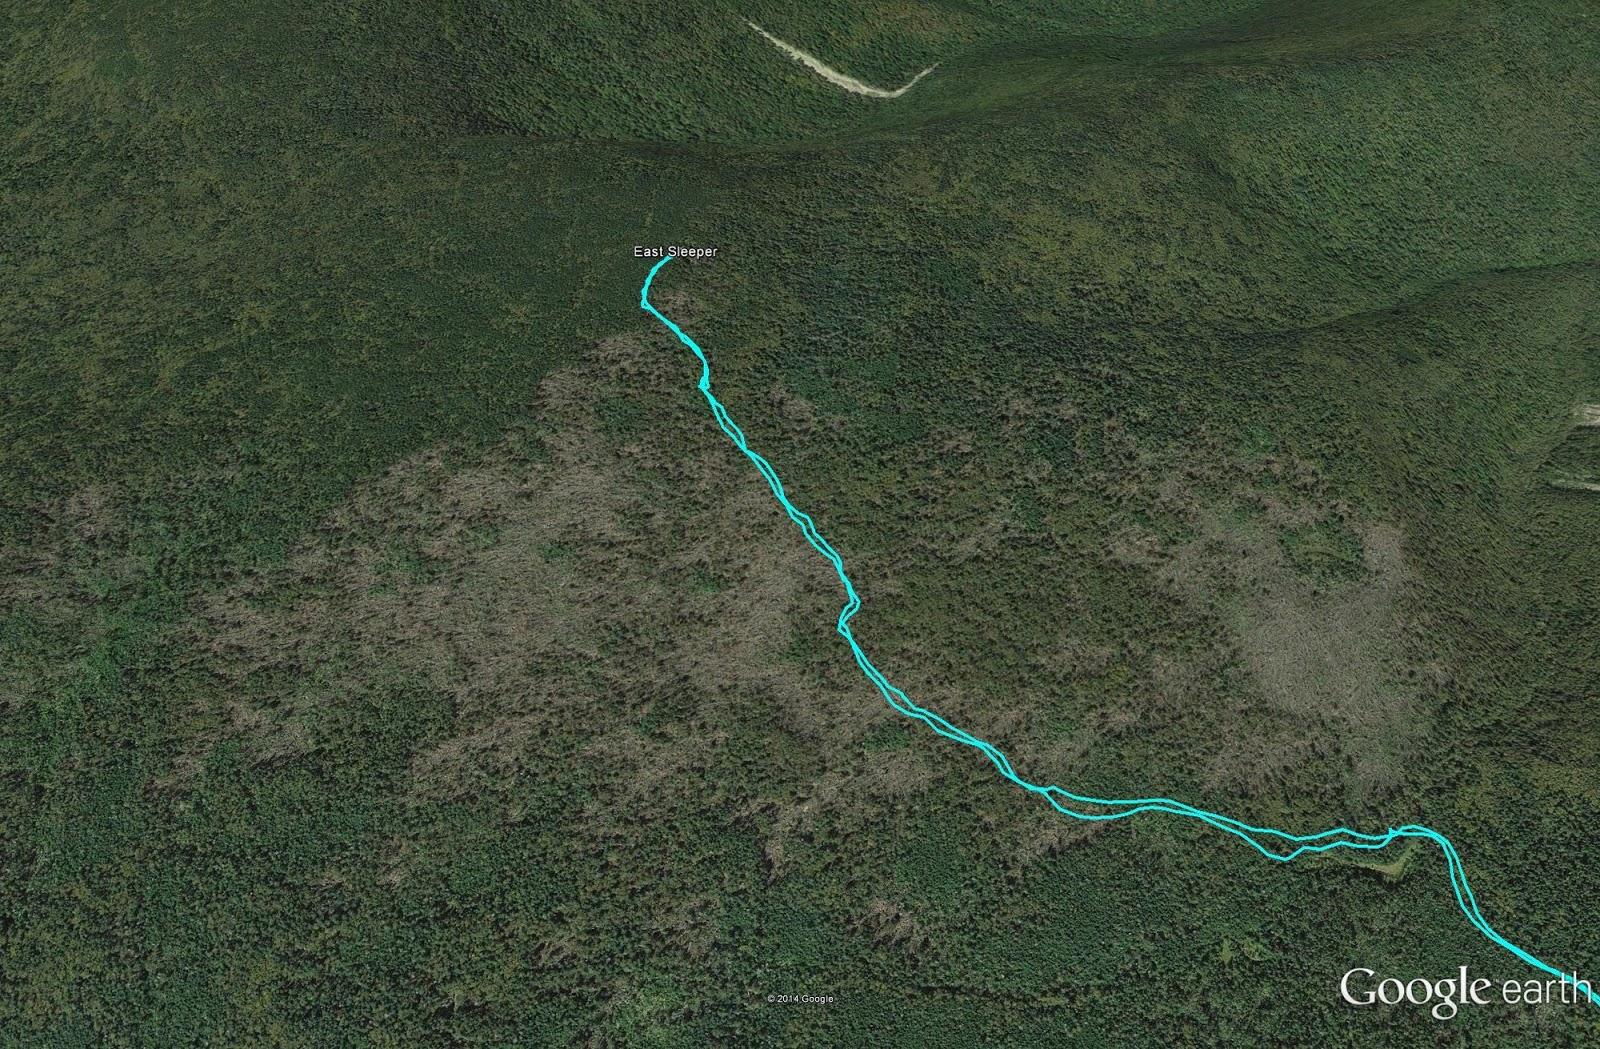 East Sleeper Mt Passaconaway Mt Whiteface